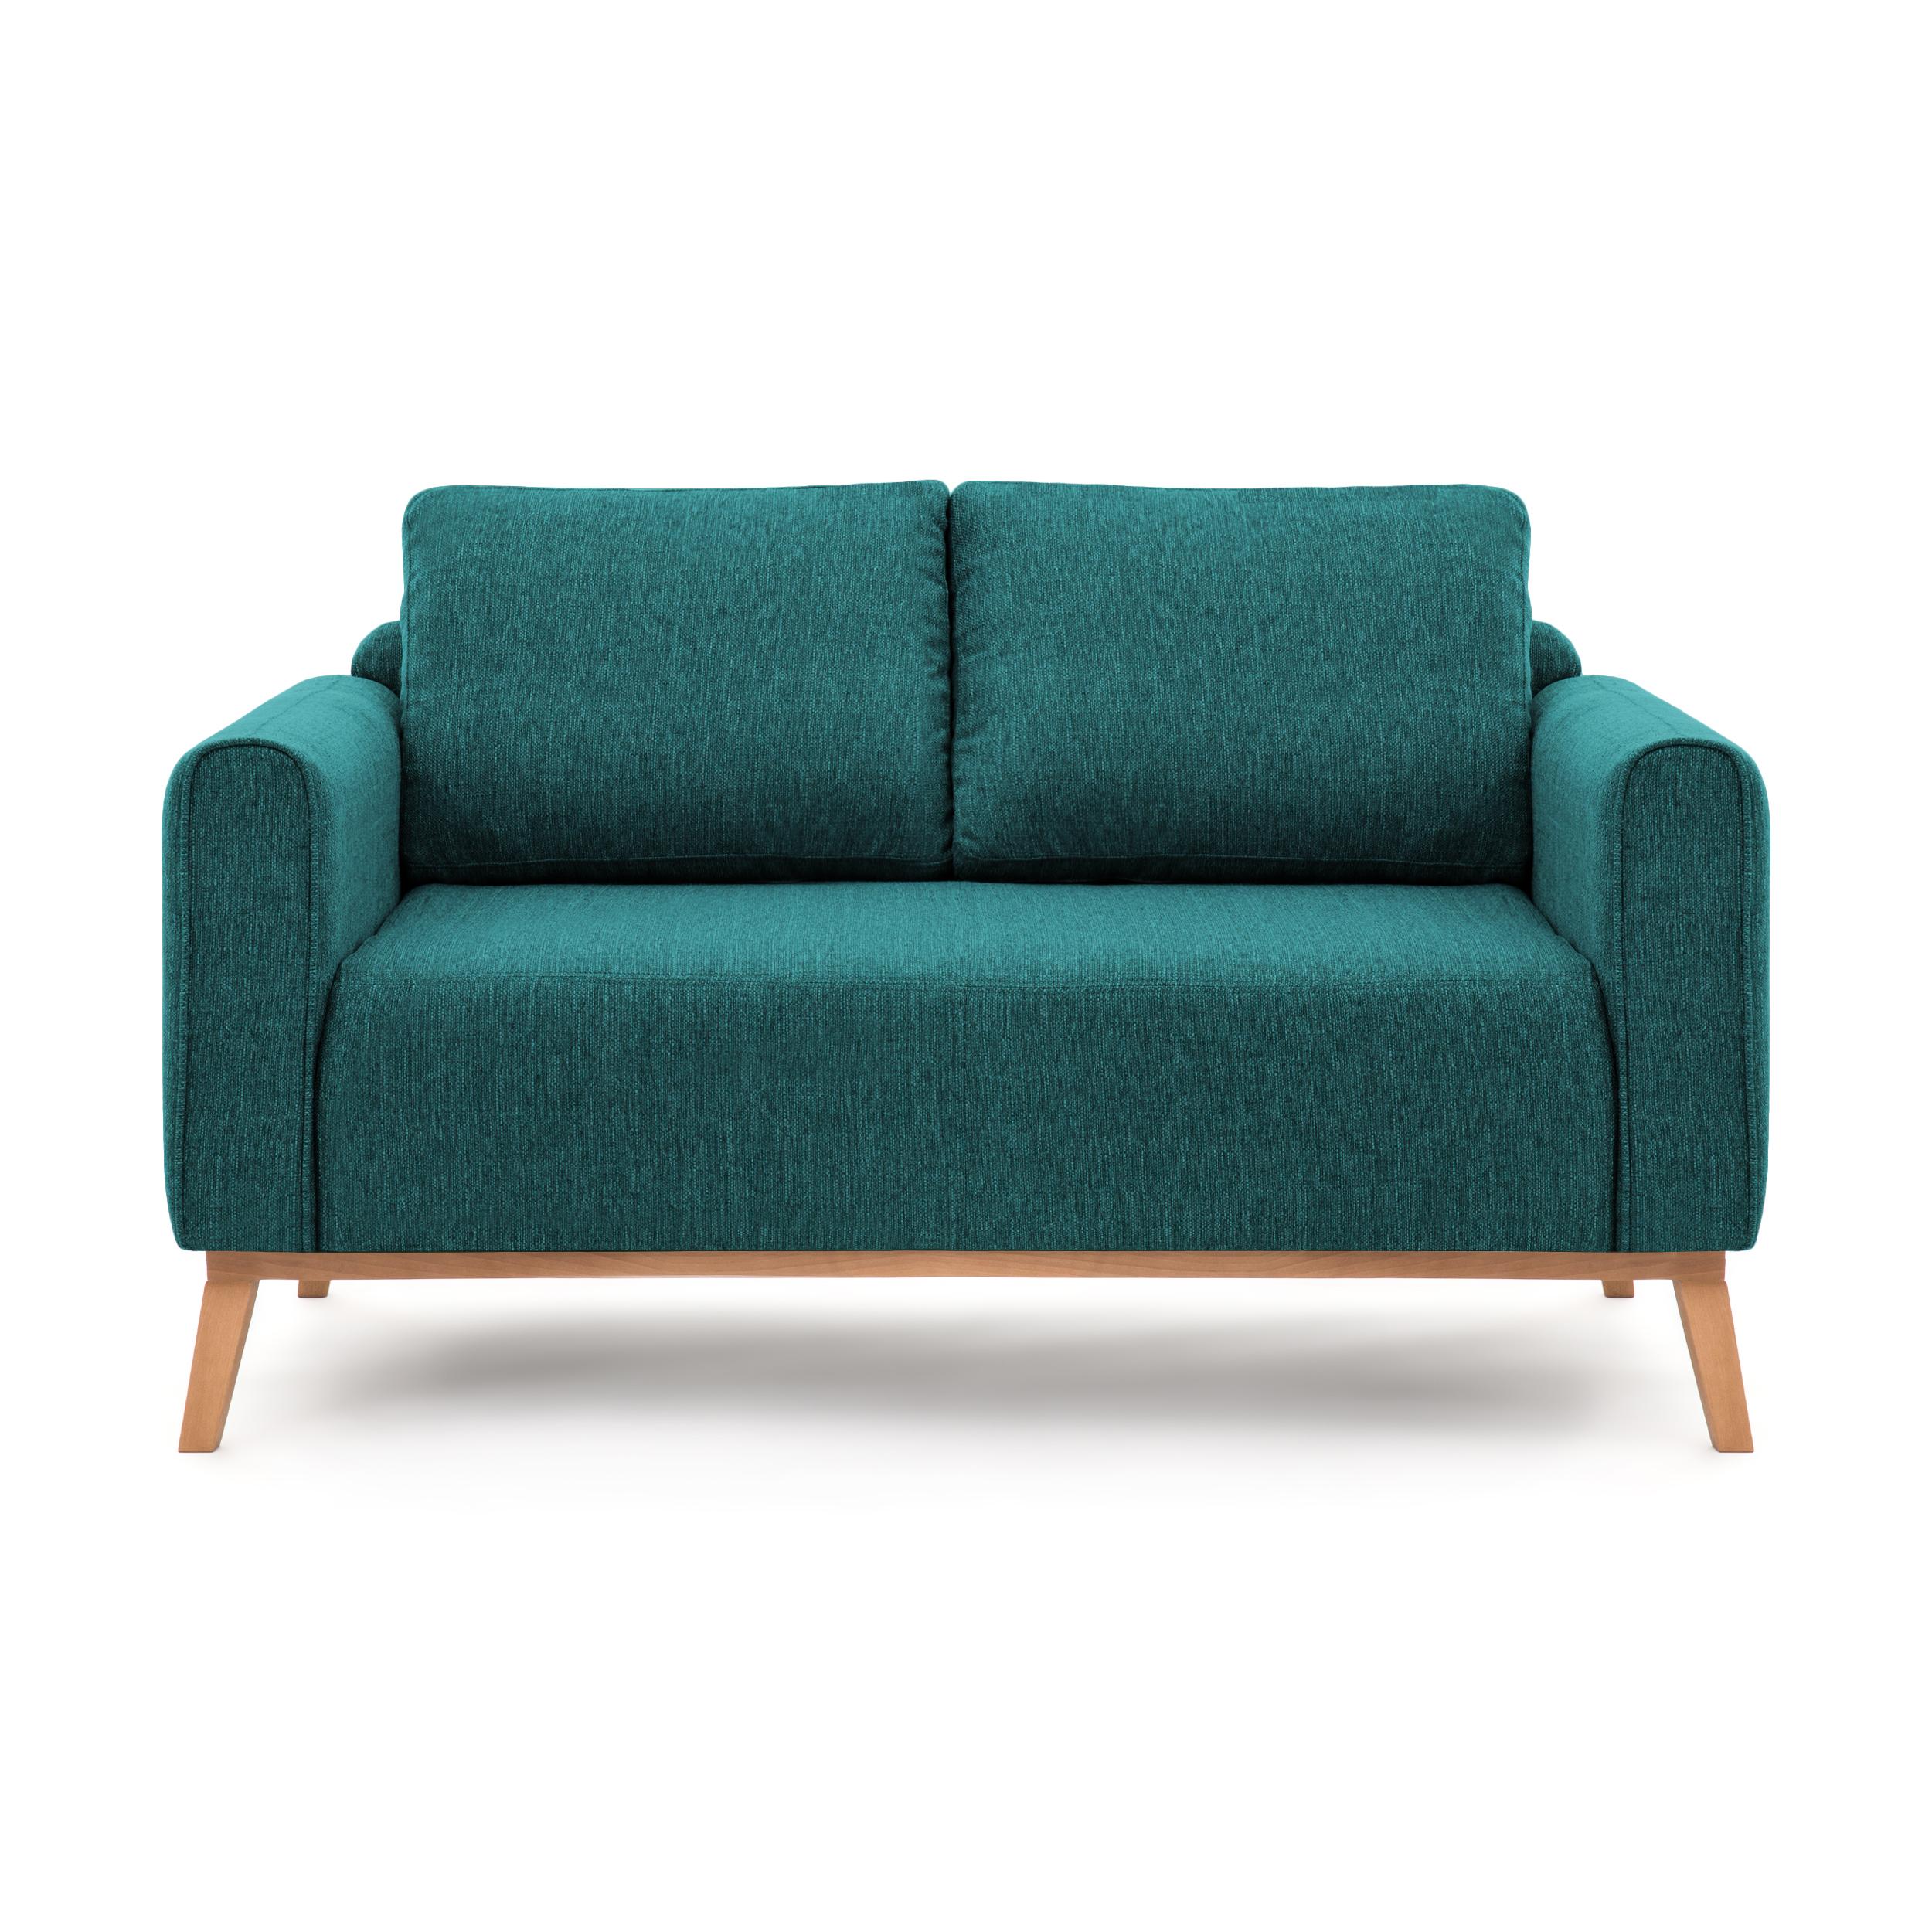 Canapea Fixa 2 Locuri Milton Turquoise